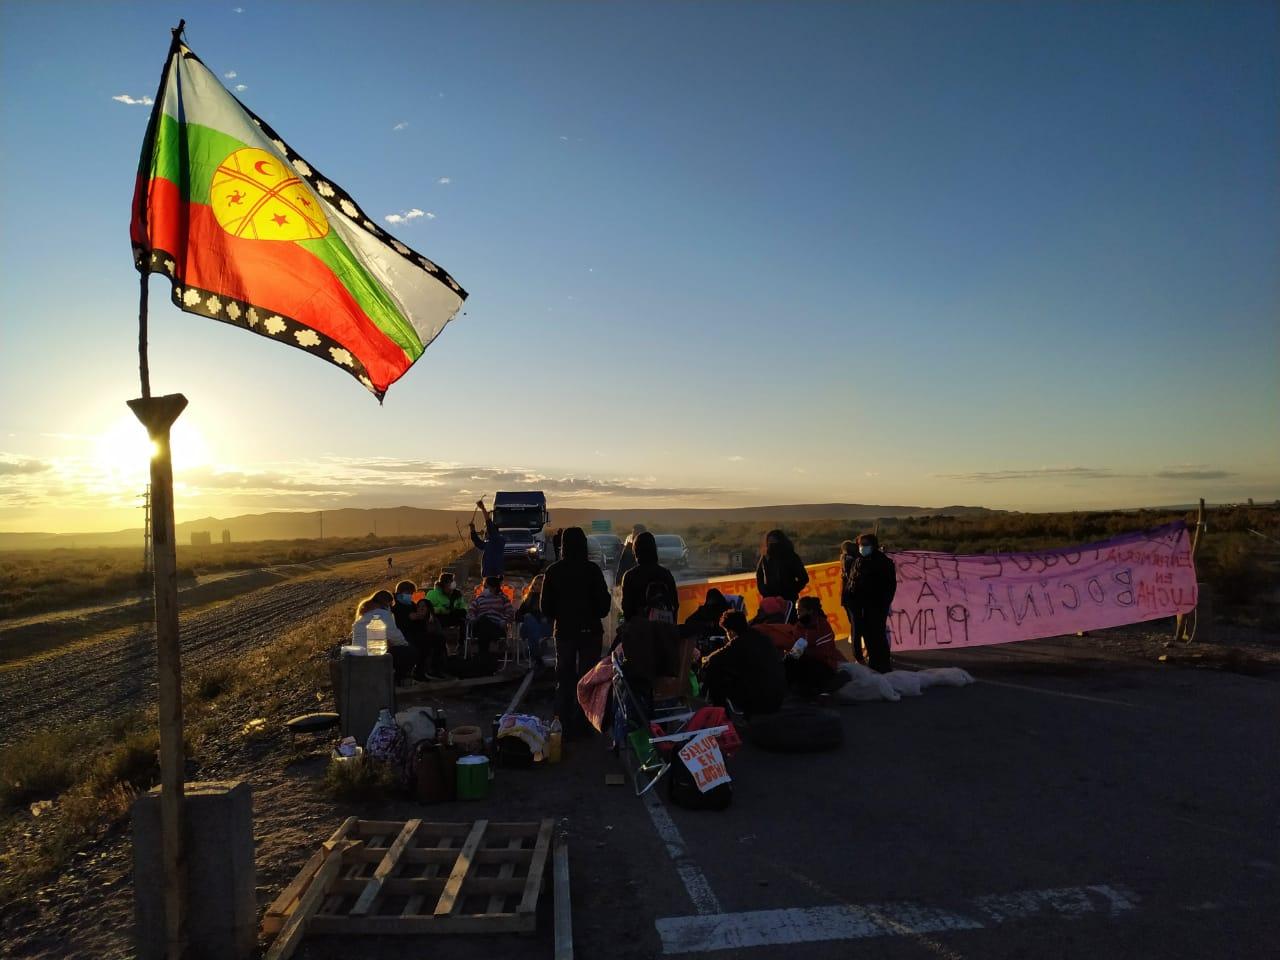 comunidades-mapuche-bloquean-caminos-en-vaca-muerta-en-apoyo-a-la-protesta-de-salud